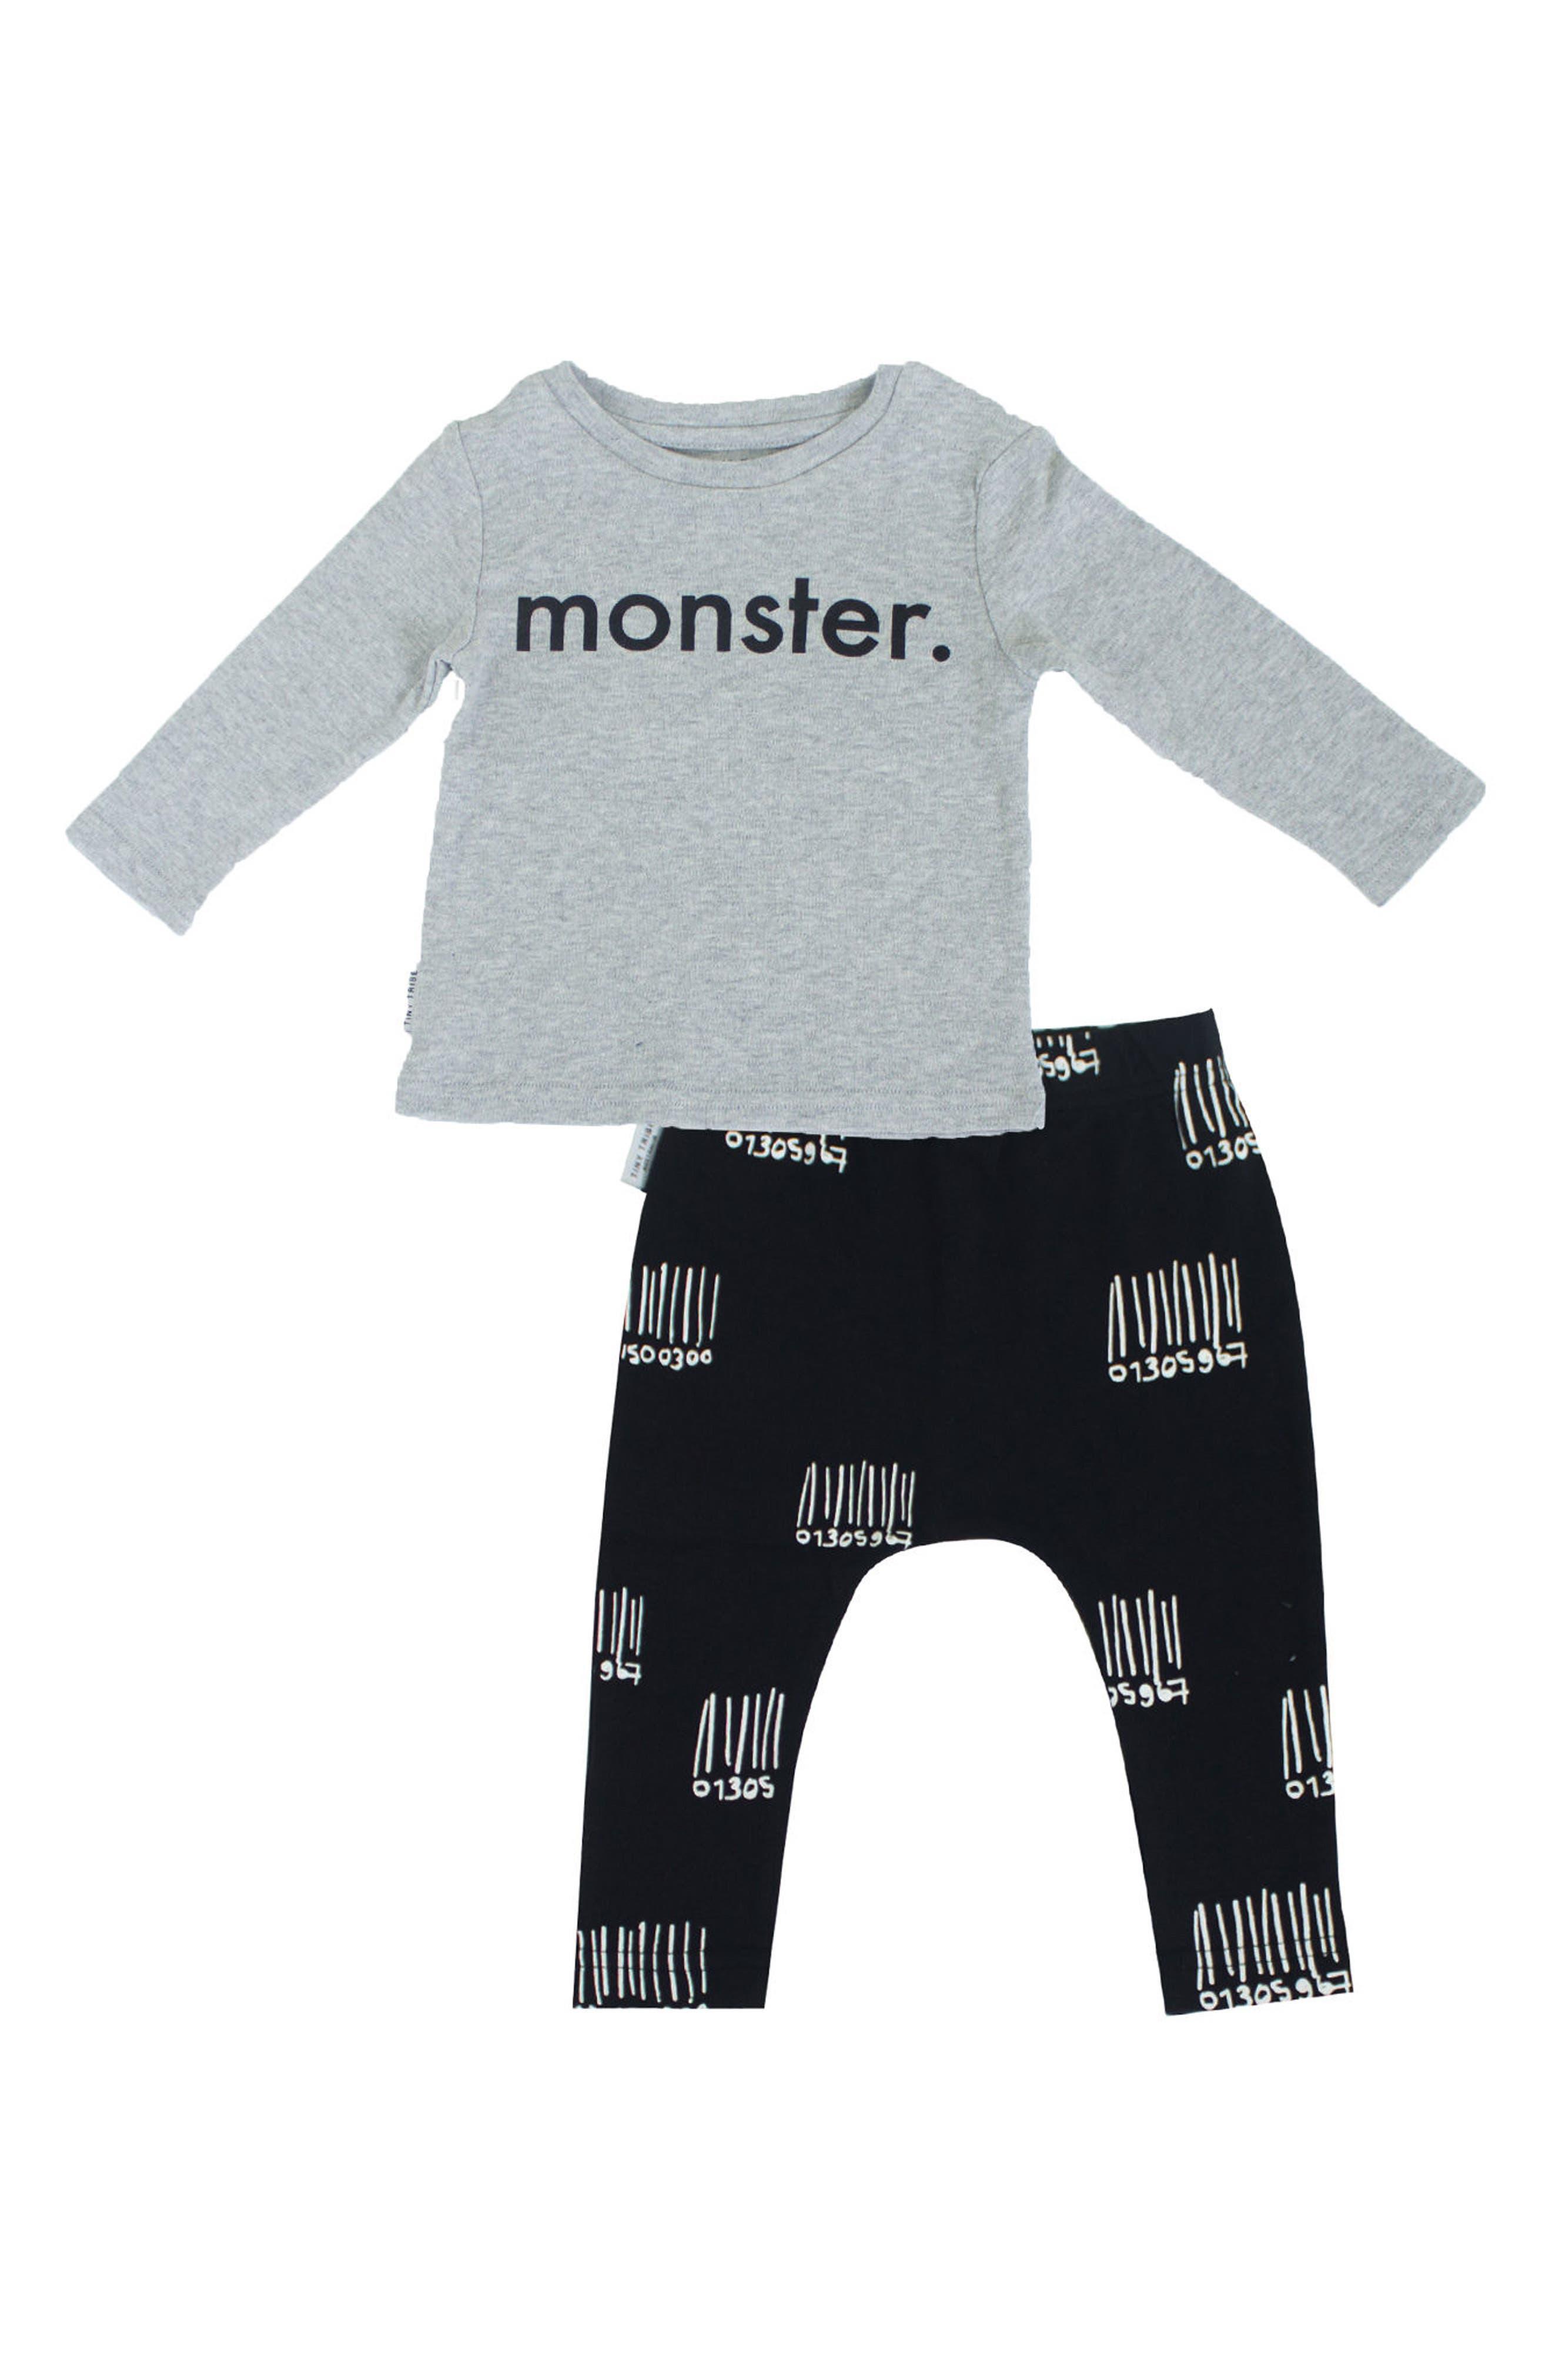 Alternate Image 1 Selected - Tiny Tribe Monster T-Shirt & Leggings Set (Baby & Toddler)